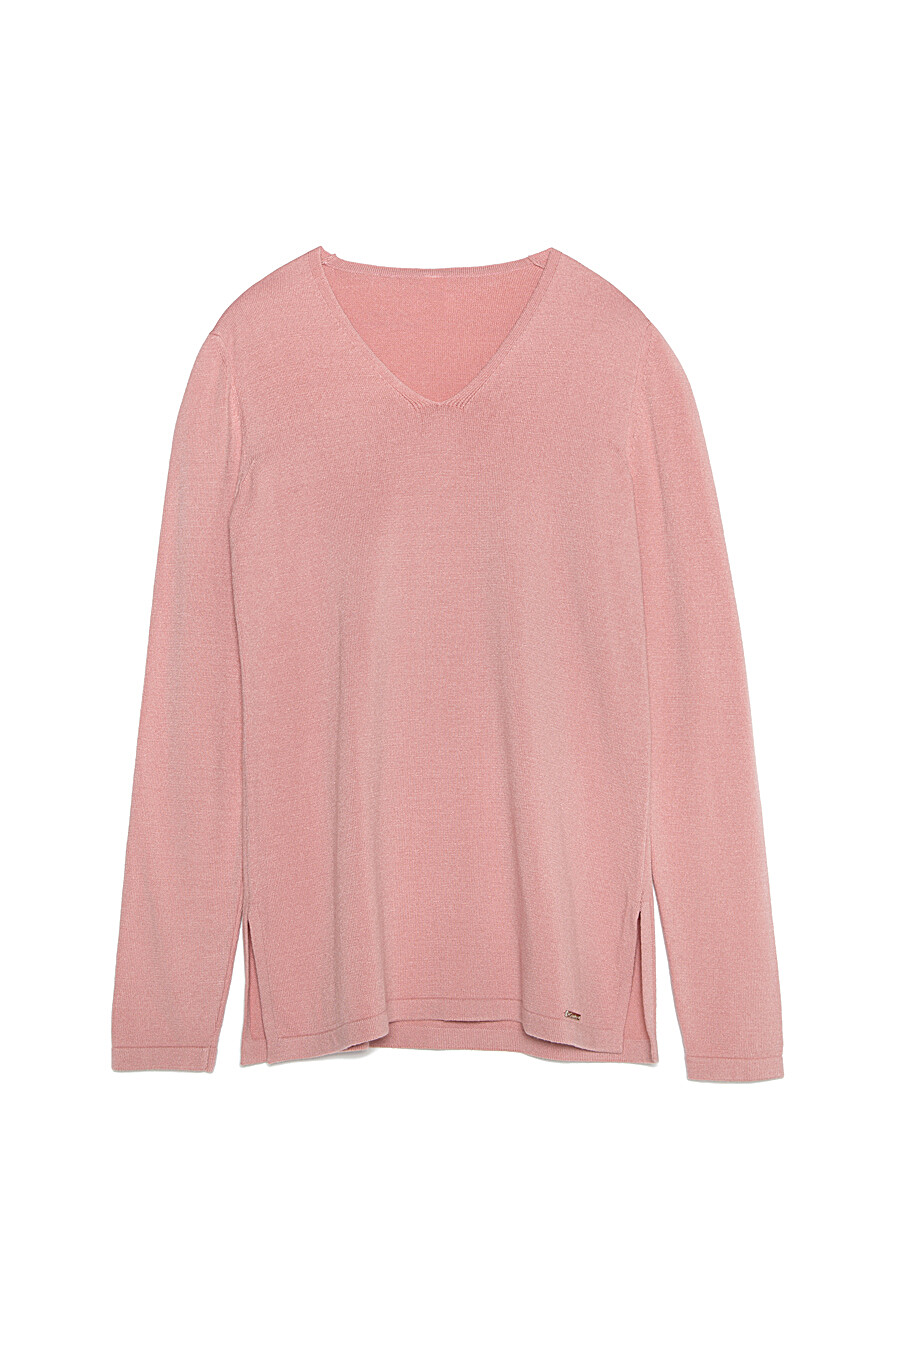 Джемпер для женщин CONTE ELEGANT 148622 купить оптом от производителя. Совместная покупка женской одежды в OptMoyo